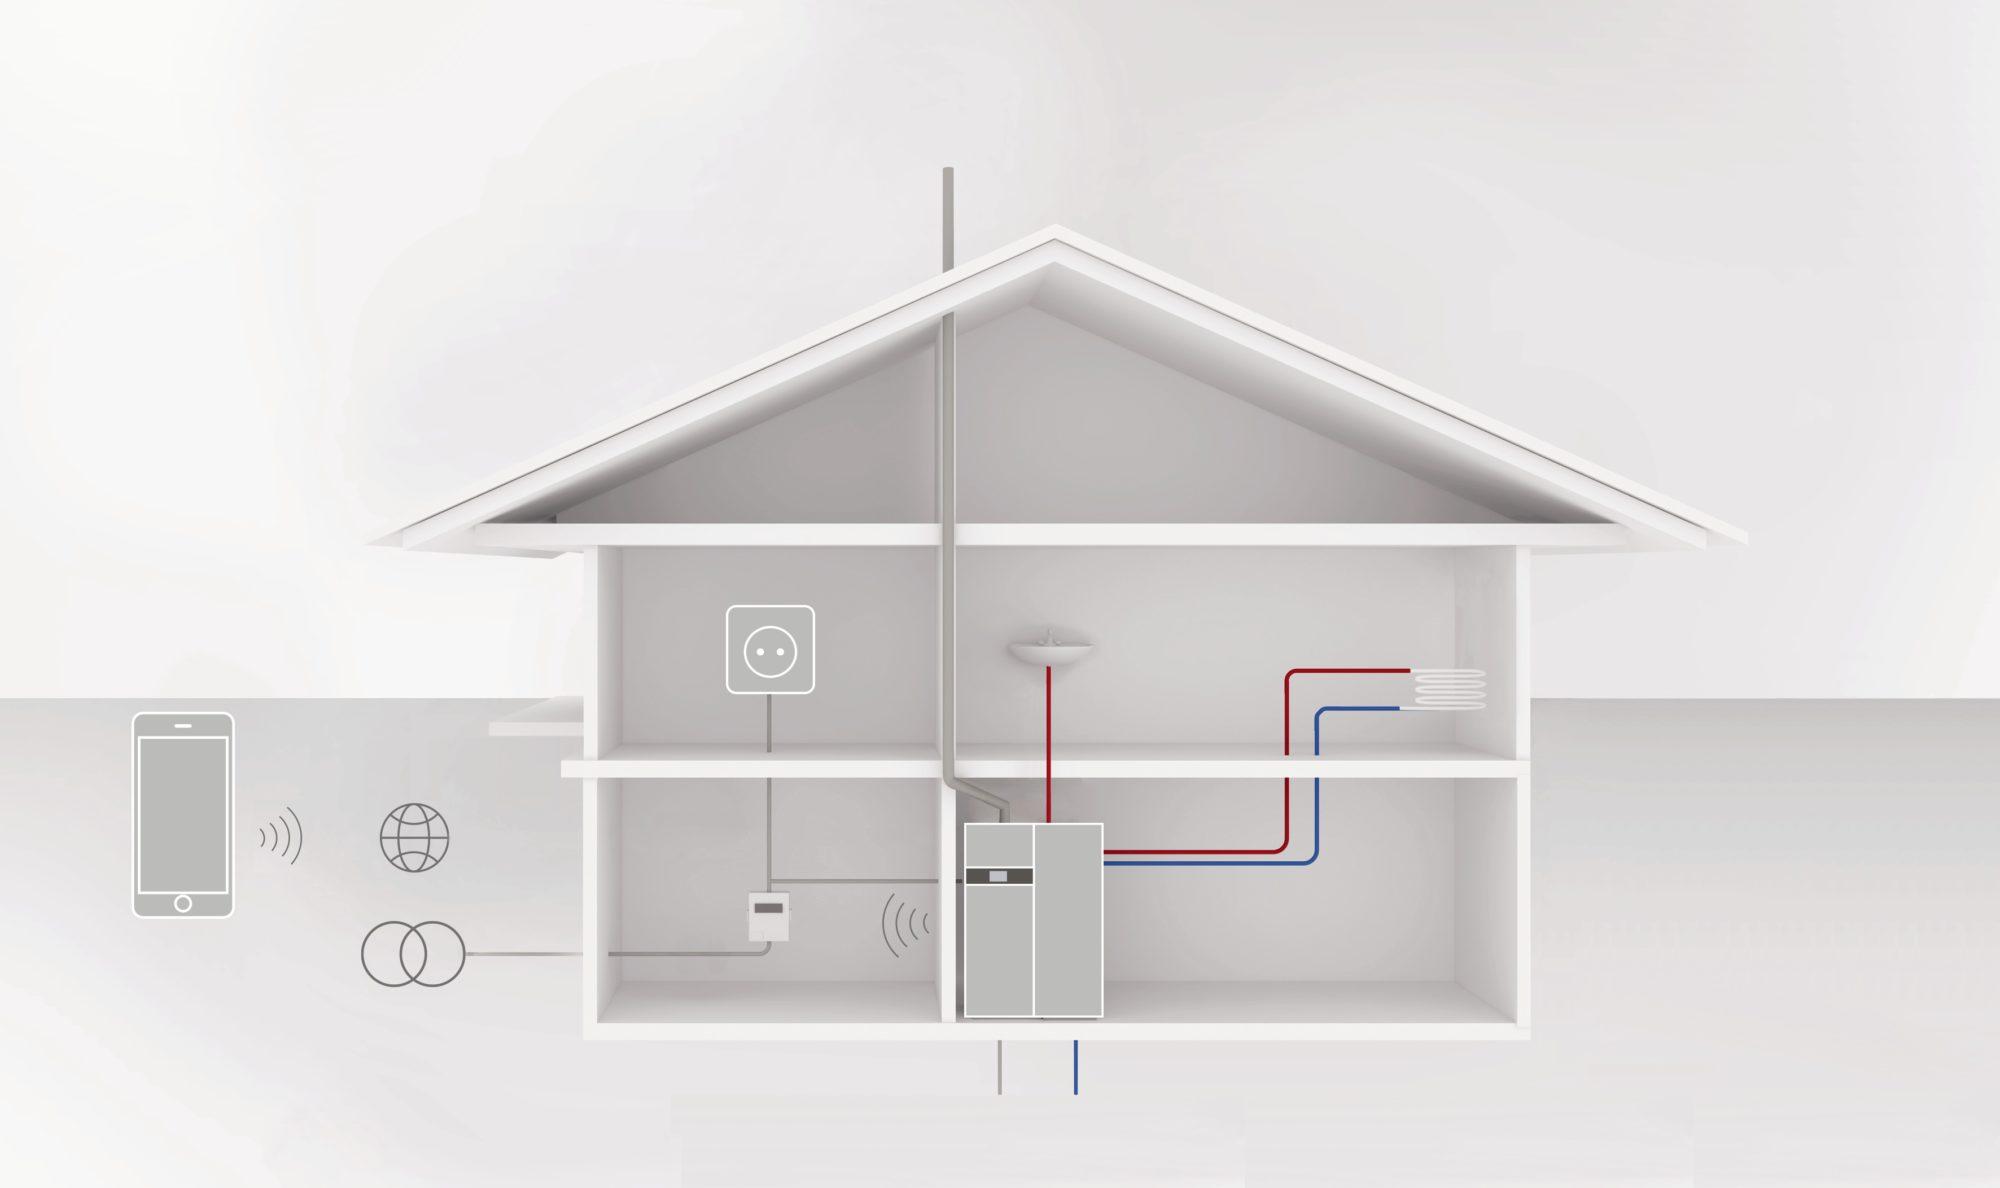 Brennstoffzelle zur Wärme- und Stromerzeugung